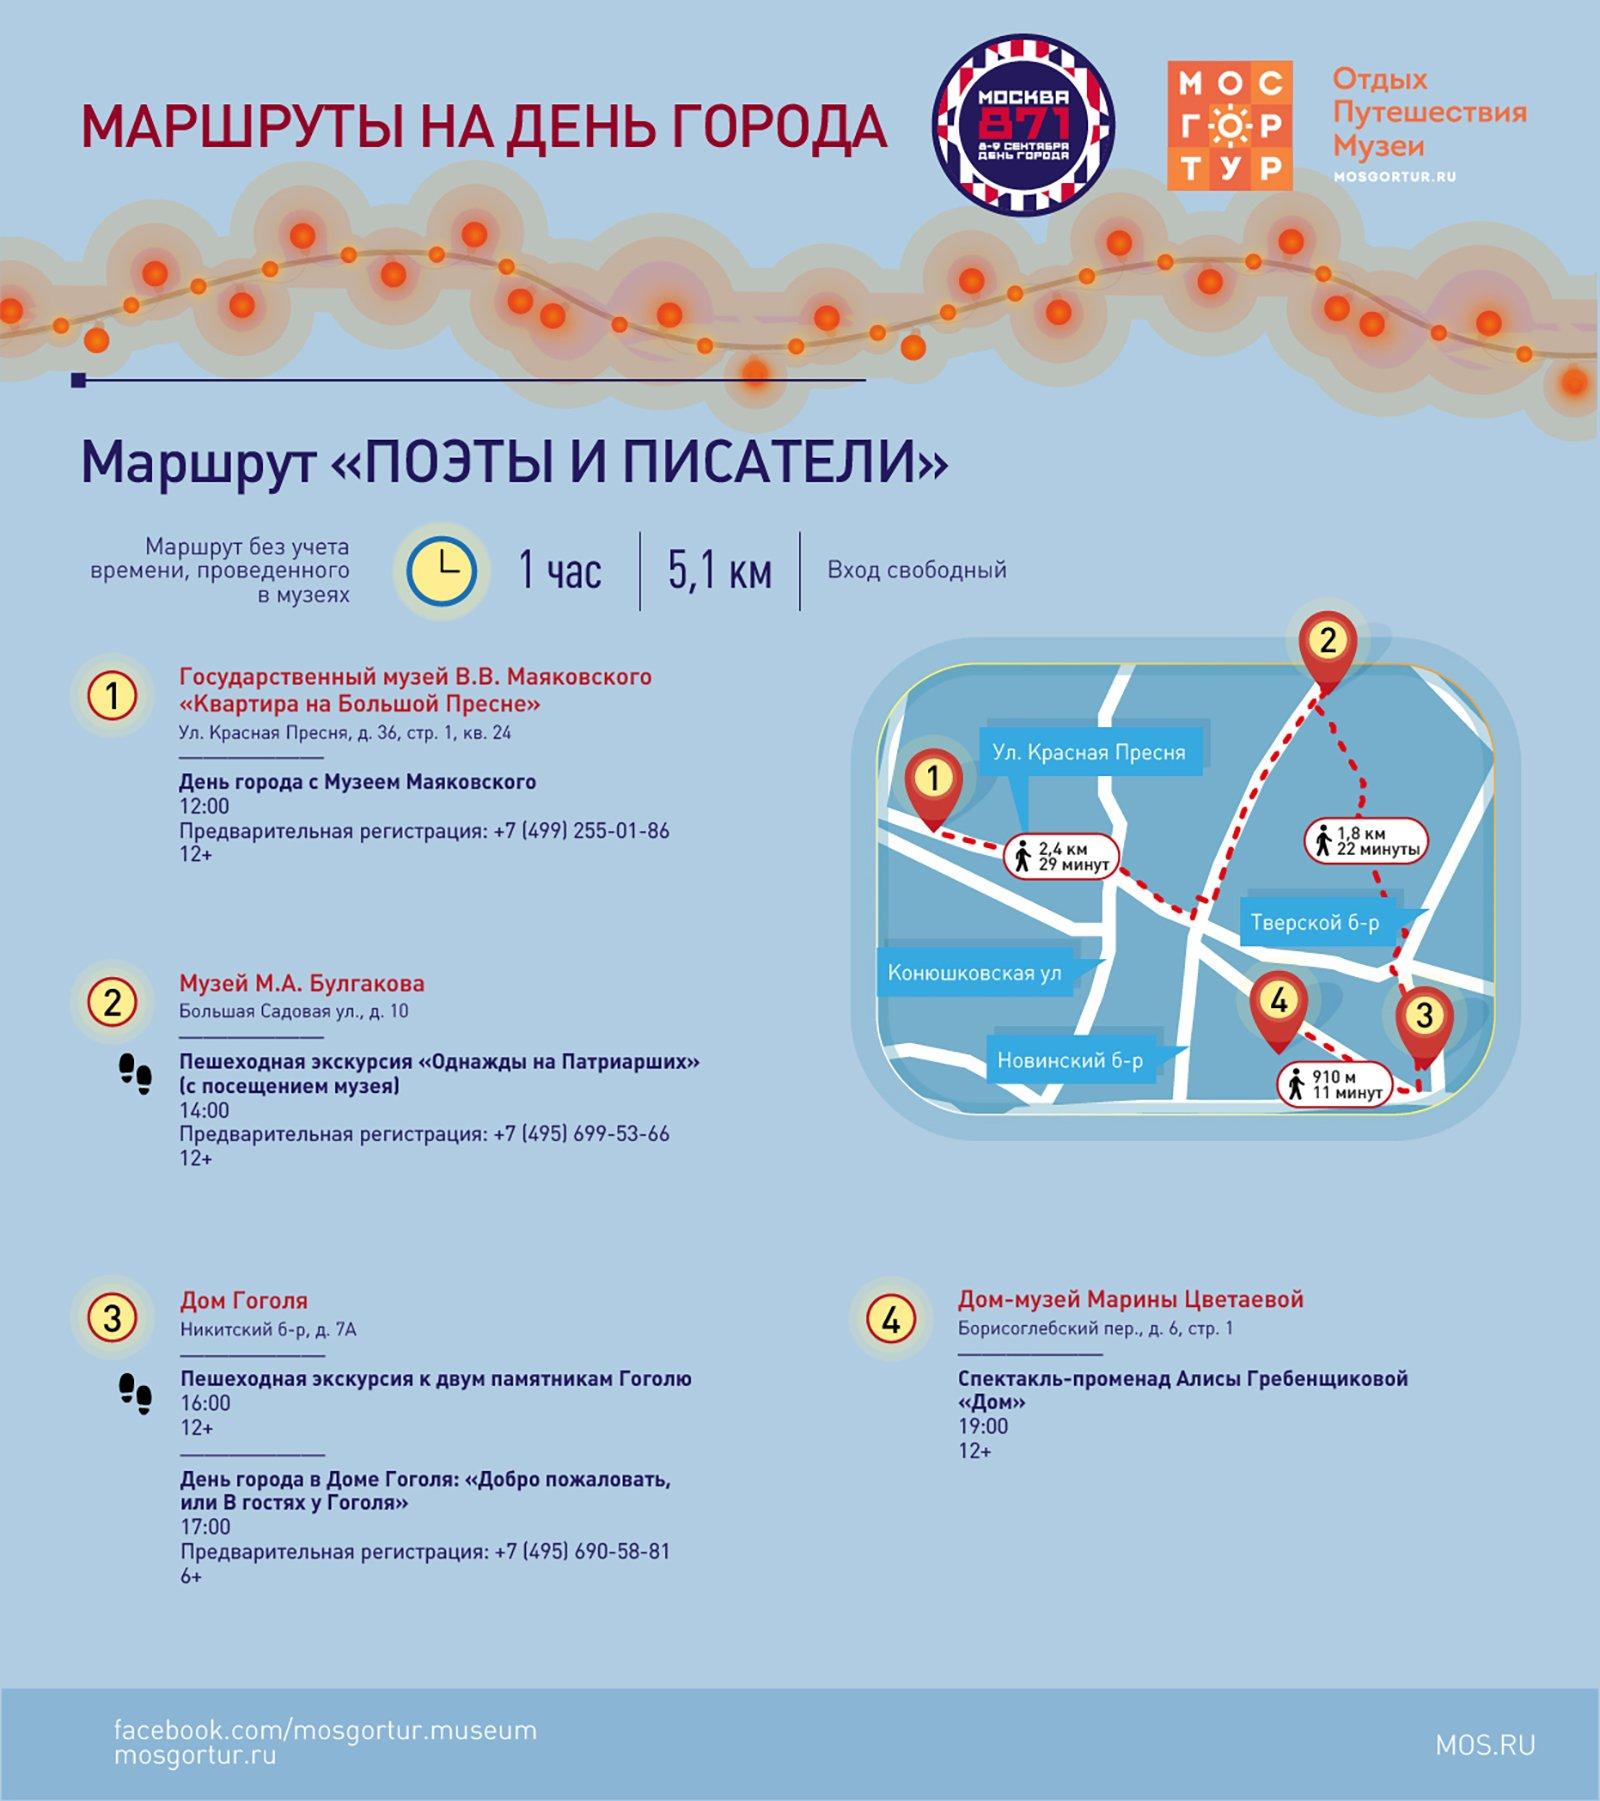 Карта маршрутов на день города